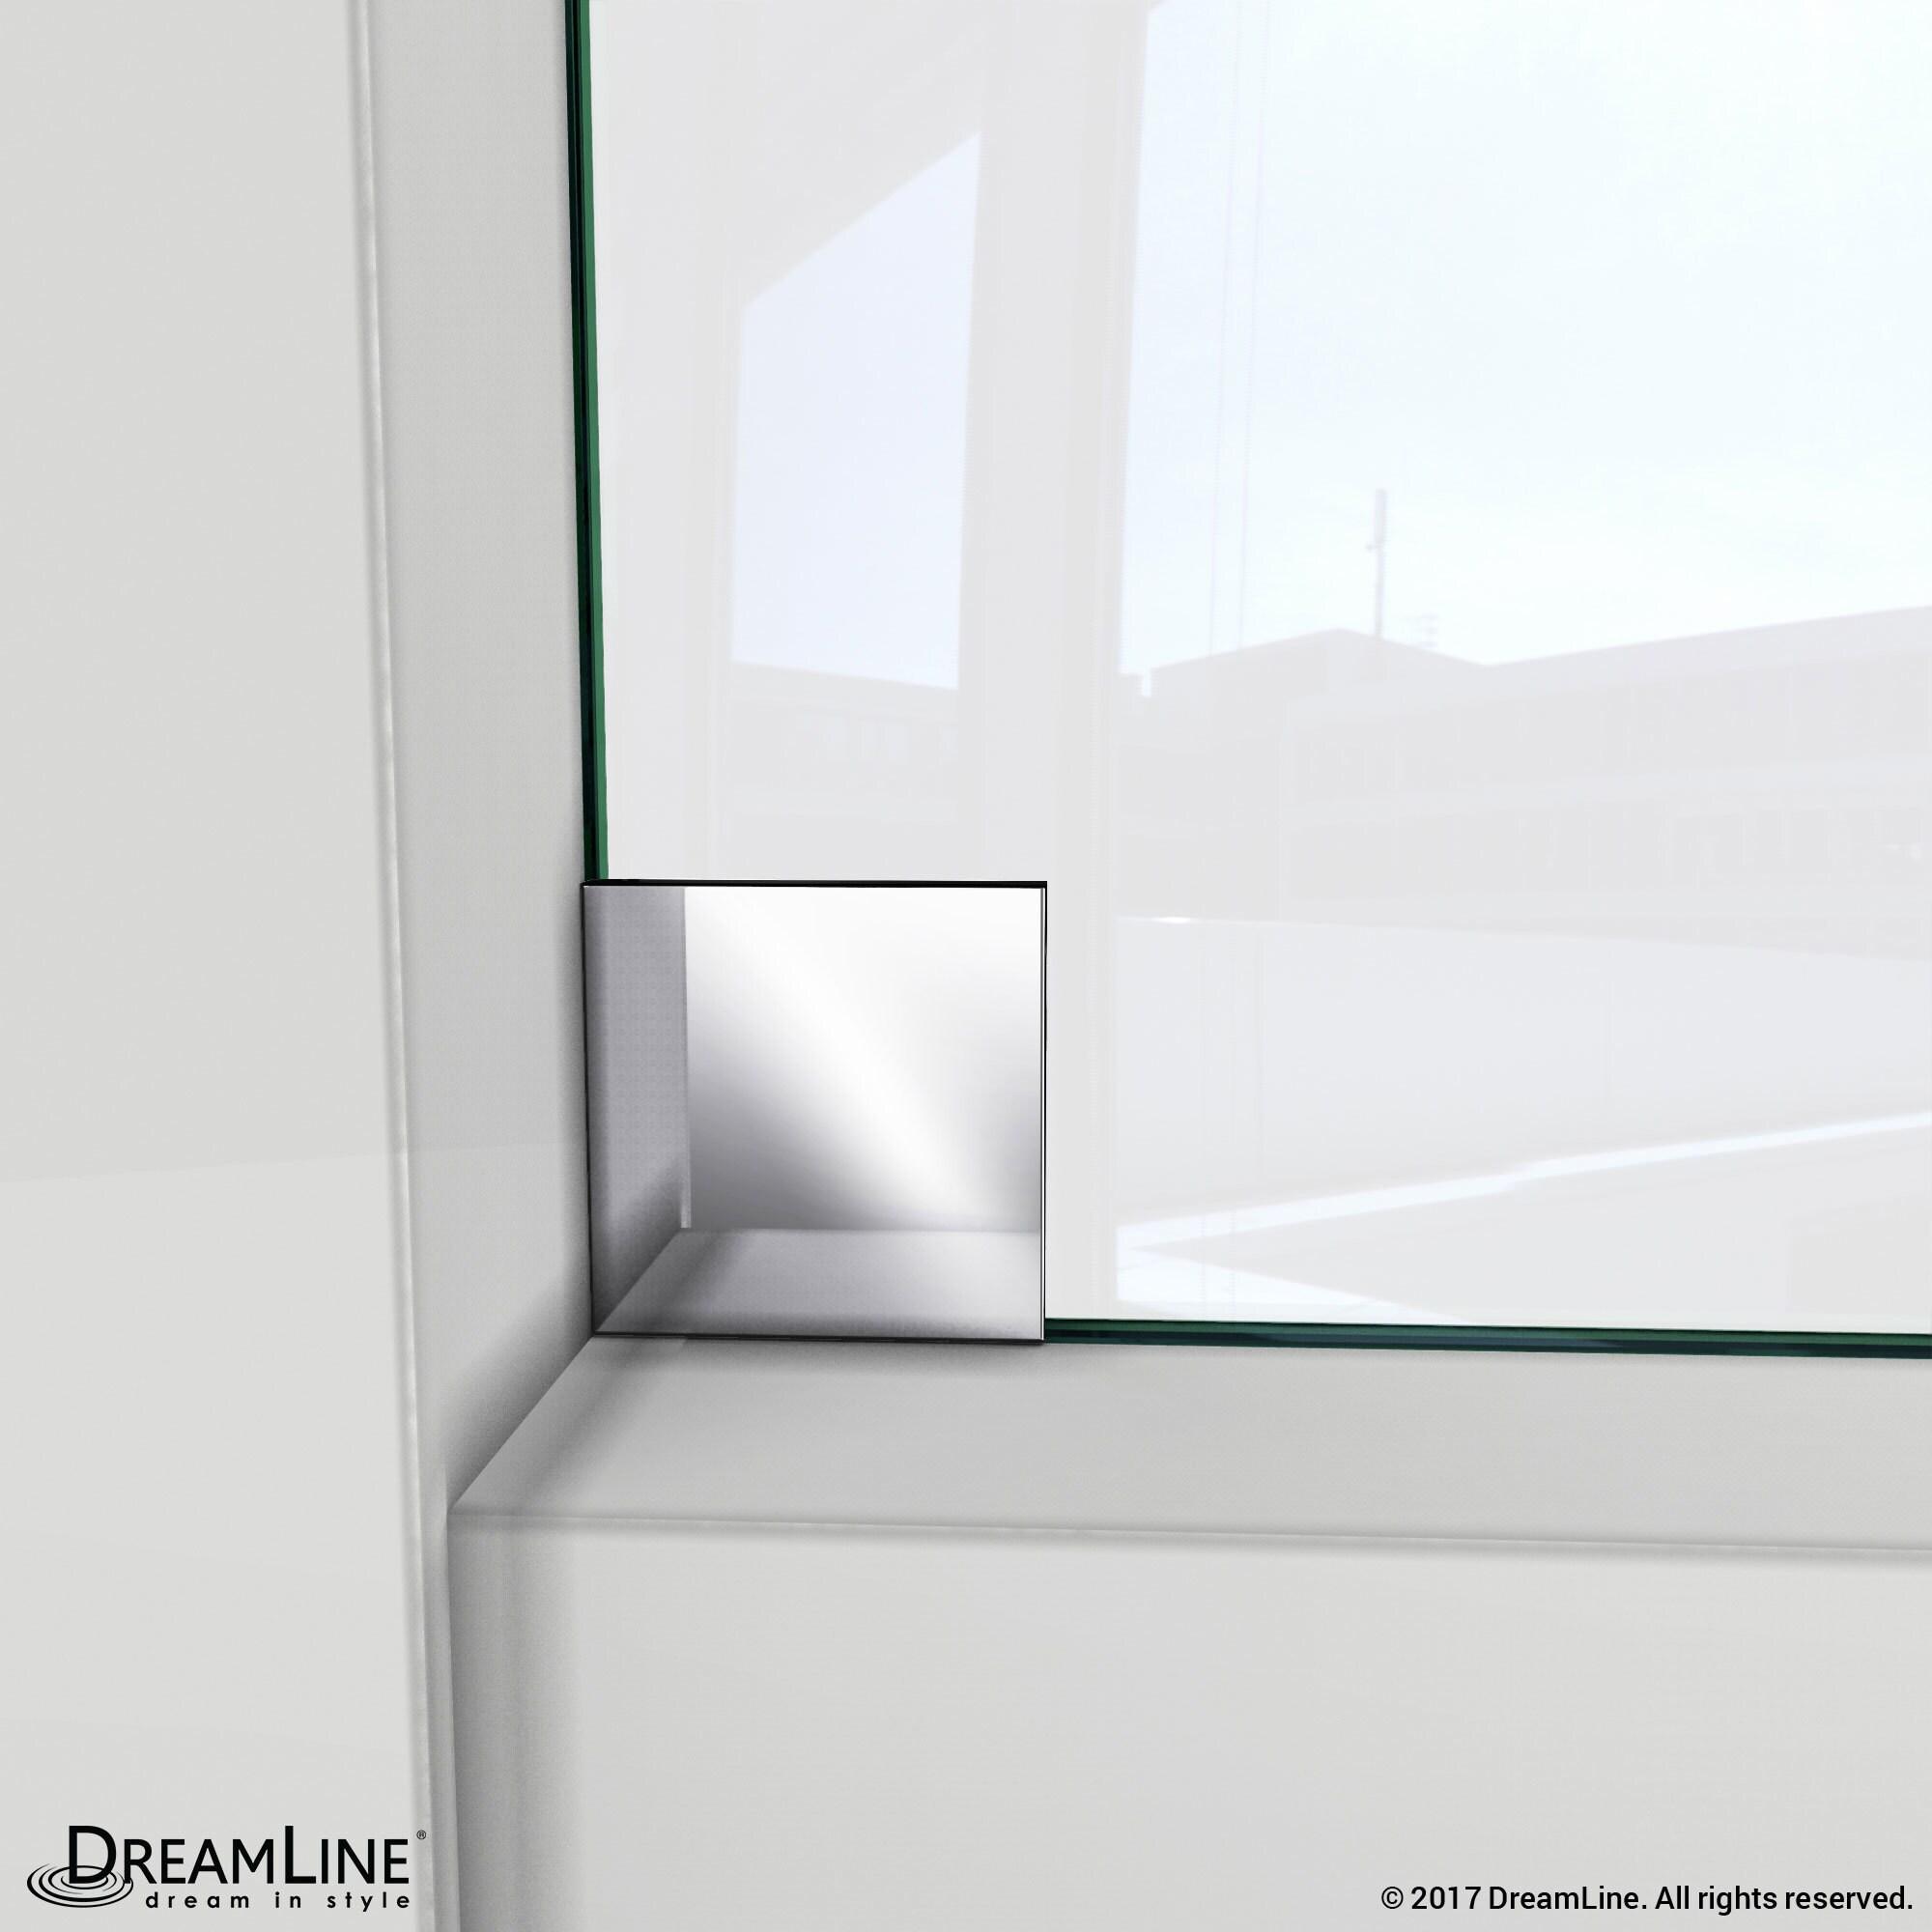 Dreamline Enigma X 56 To 60 In Fully Frameless Sliding Shower Door